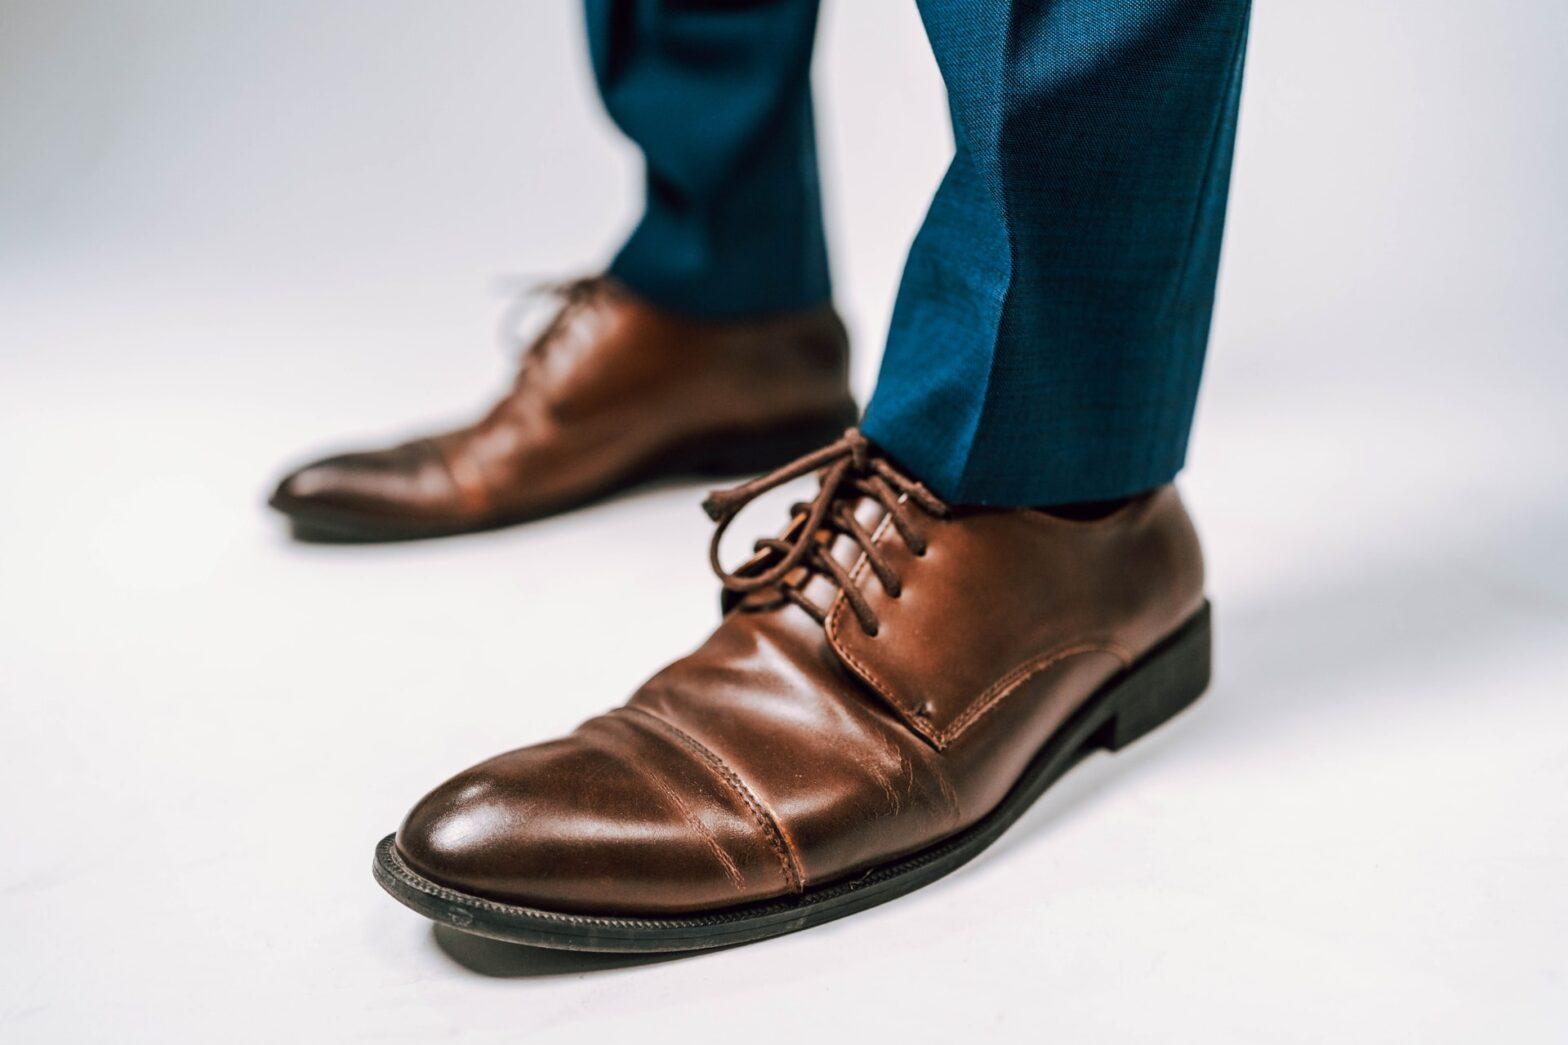 quali scarpe abbinare con abito blu